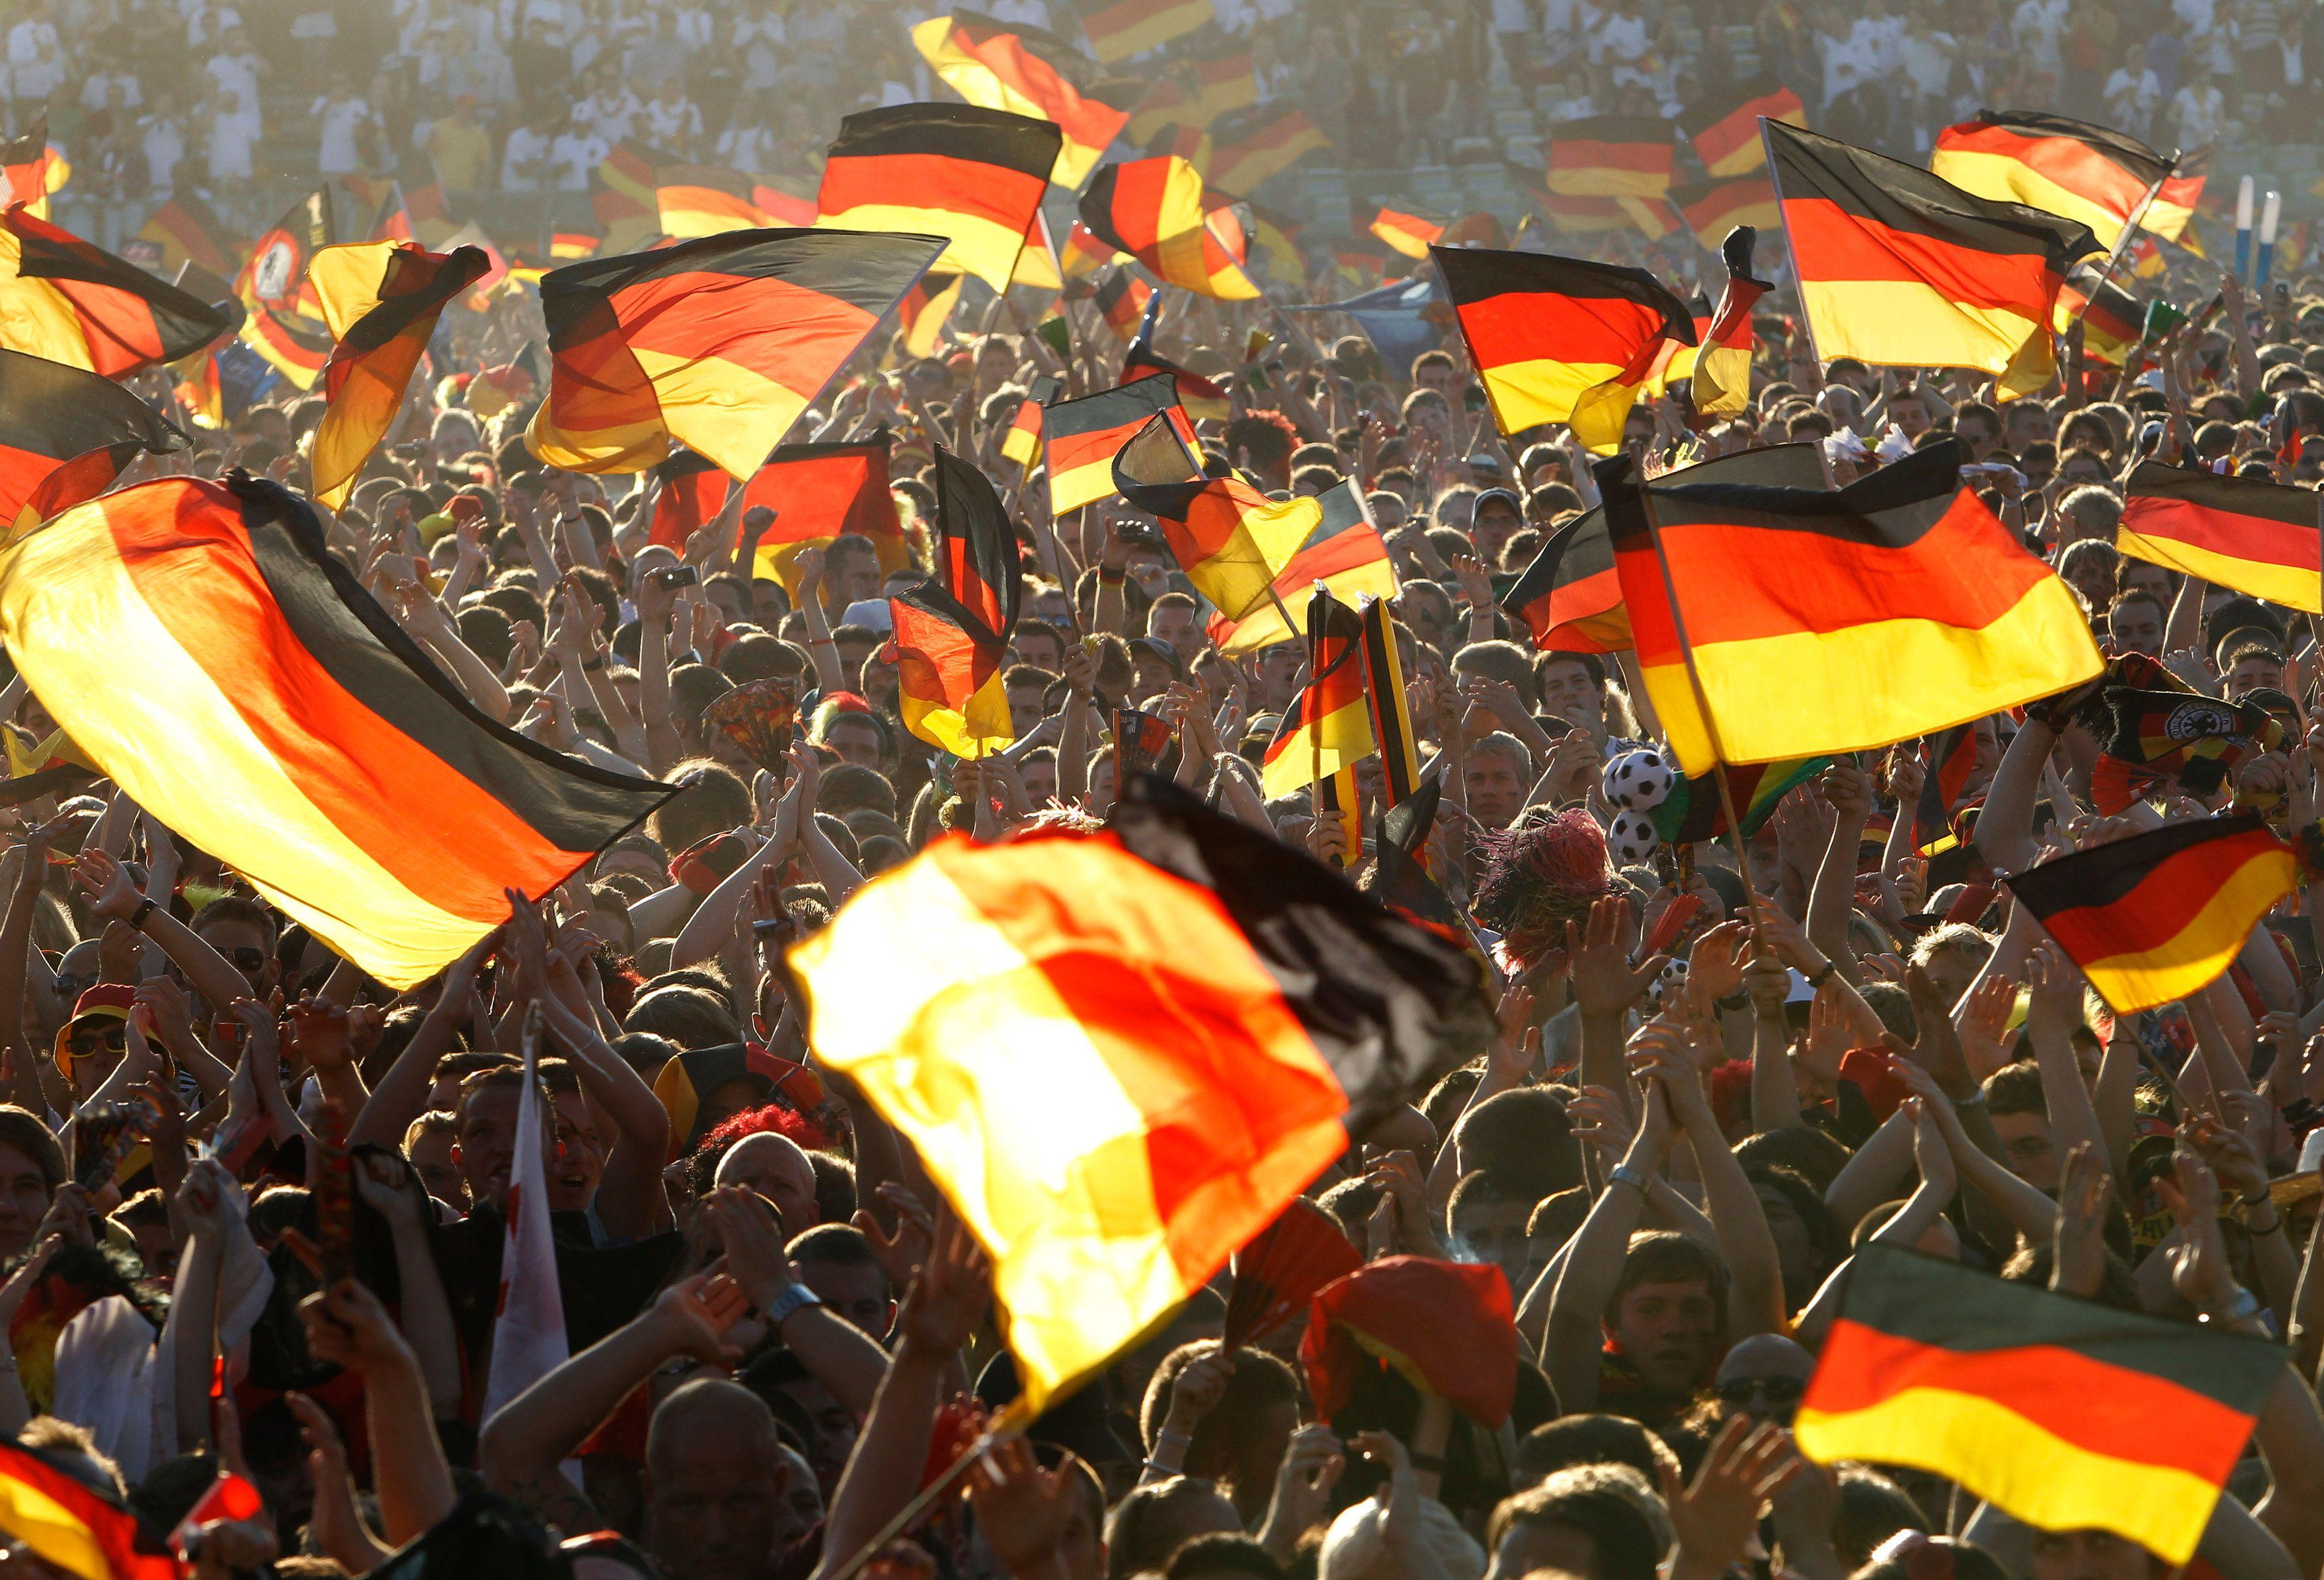 Élections fédérales allemandes de 2017 : l'autre enjeu qui détermine aussi l'avenir de la France